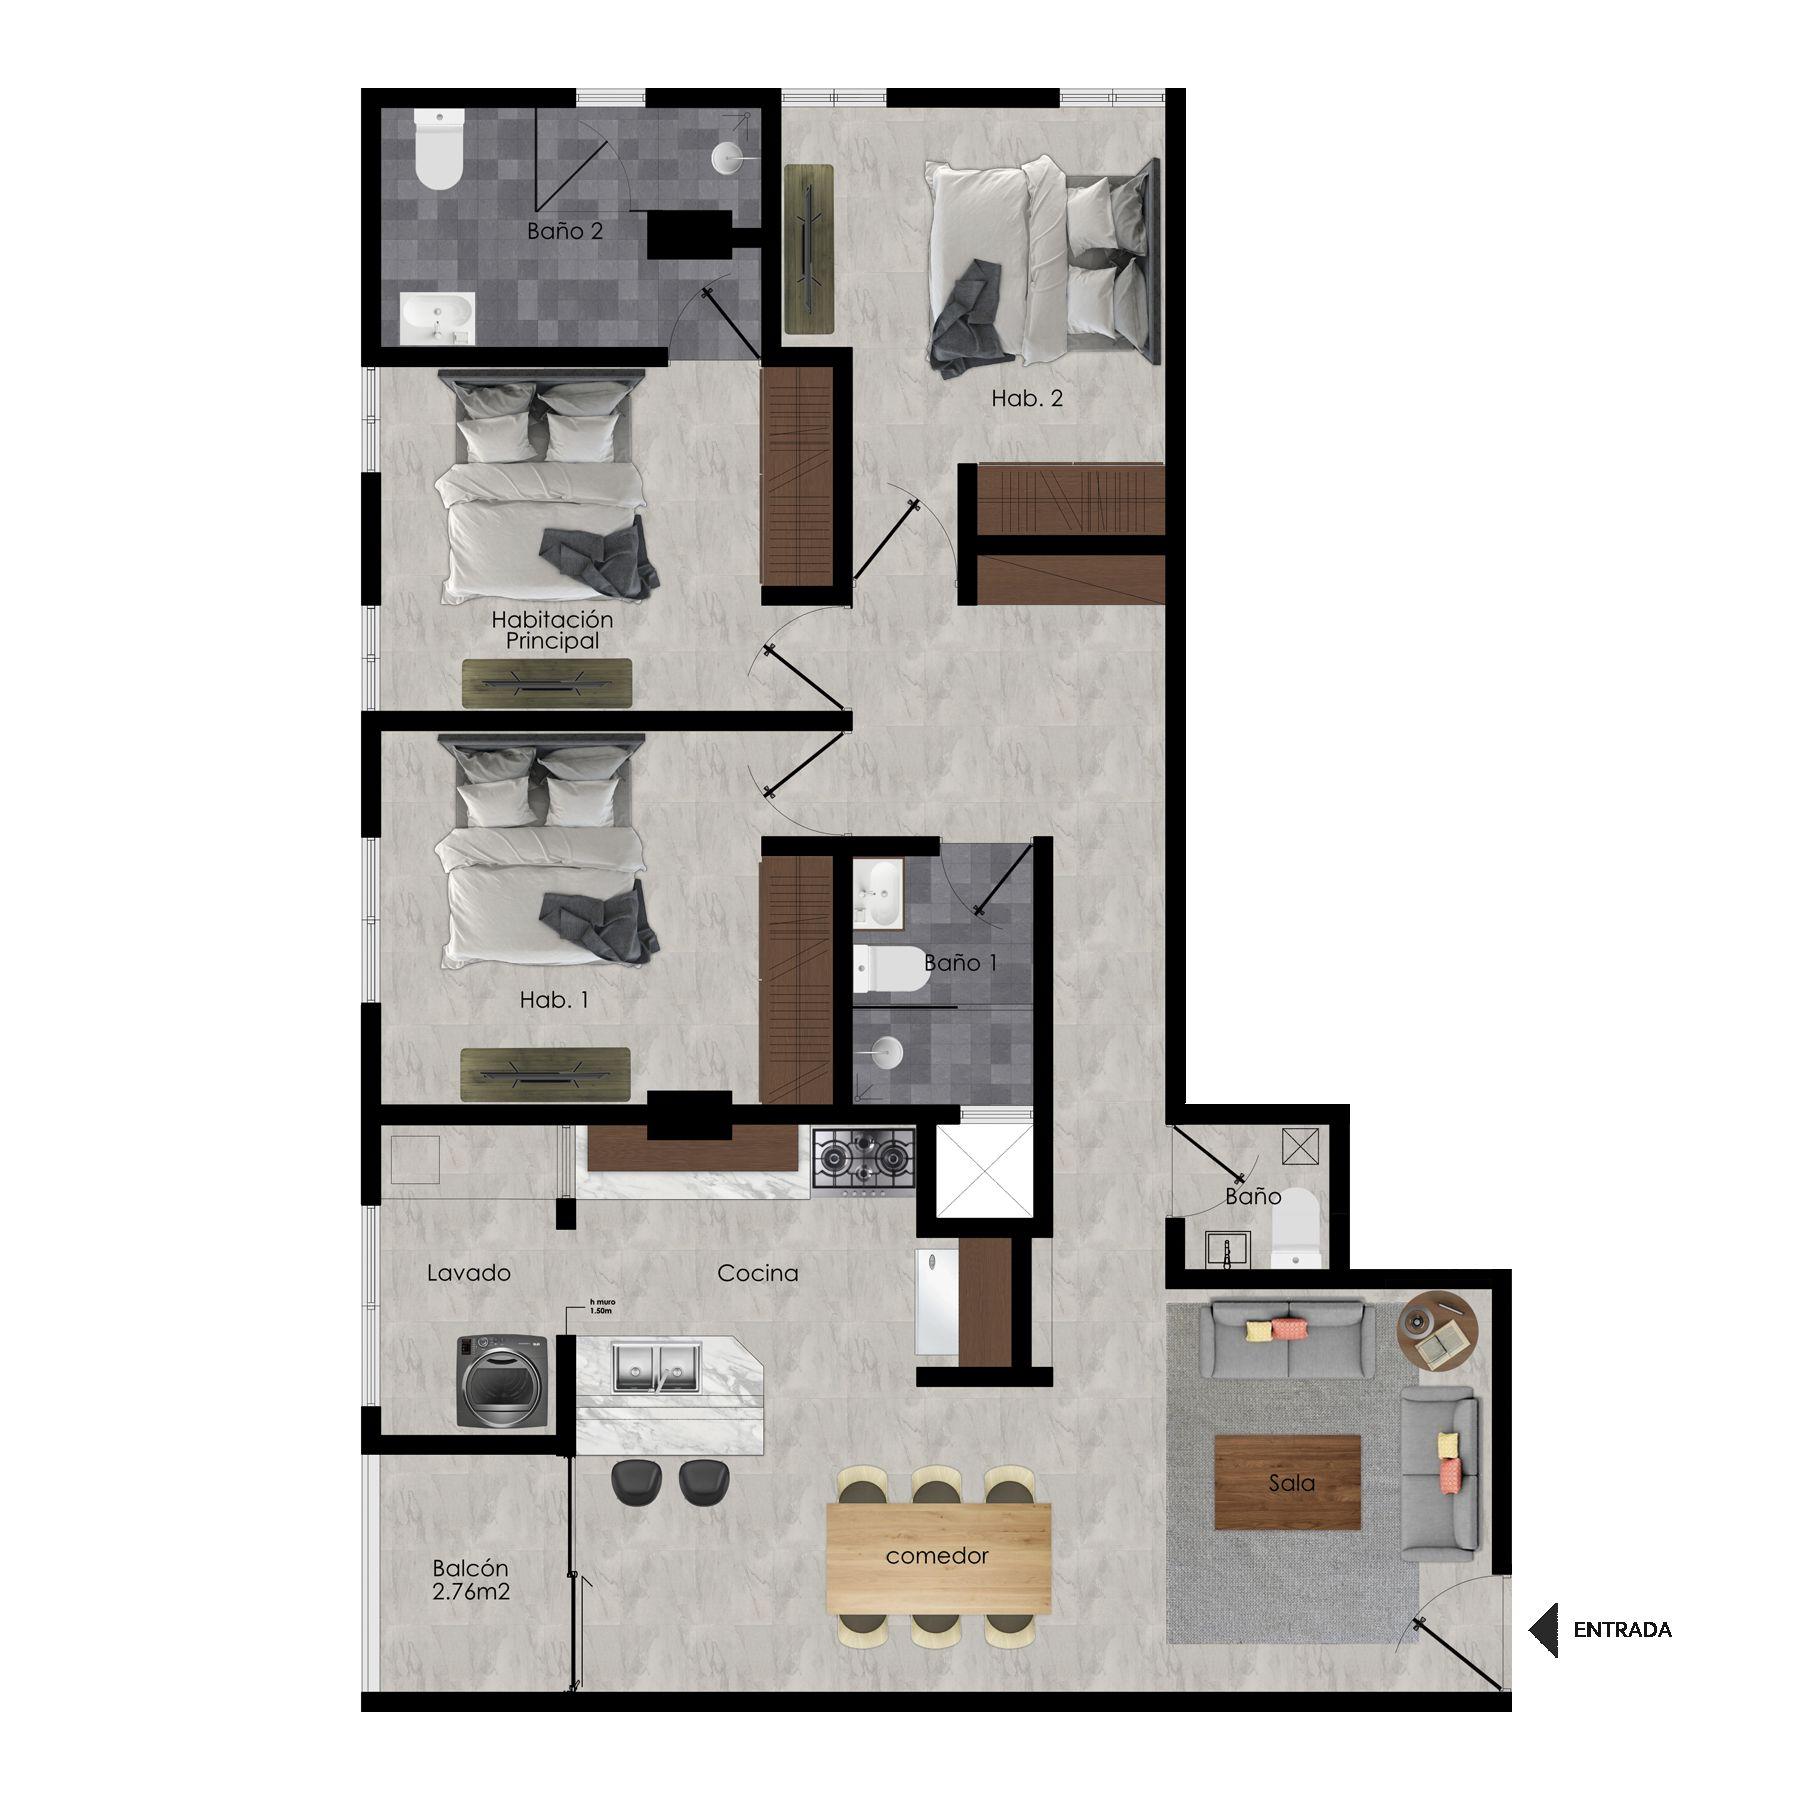 Apartamentos en venta próximo a MEGA CENTRO, Carretera Mella Sto. Dgo. Este 154913